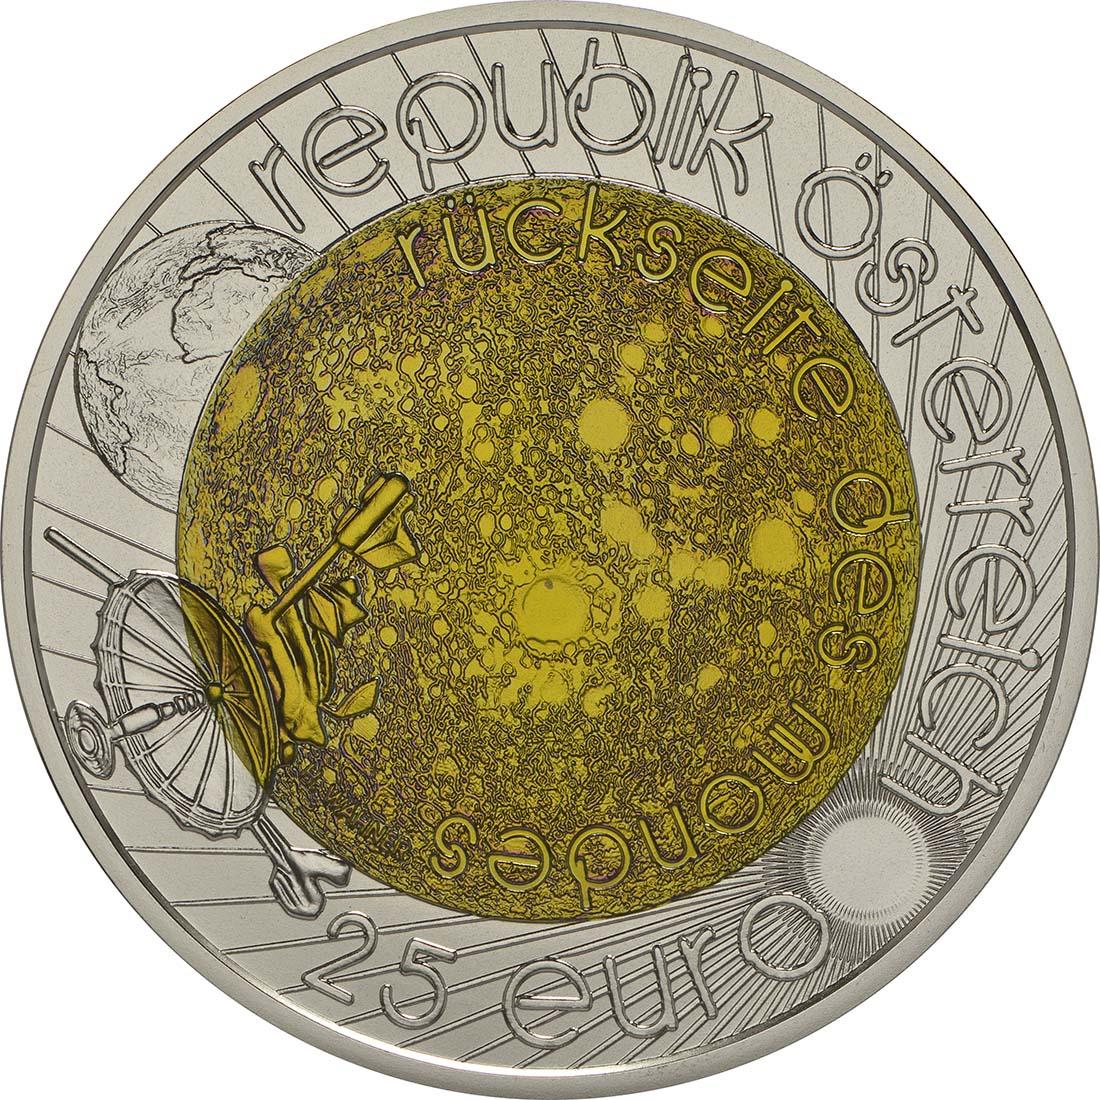 Rückseite :Österreich : 25 Euro Jahr der Astronomie  2009 Stgl. 25 Euro Niob 2009; 25 Euro Astronomie 2009